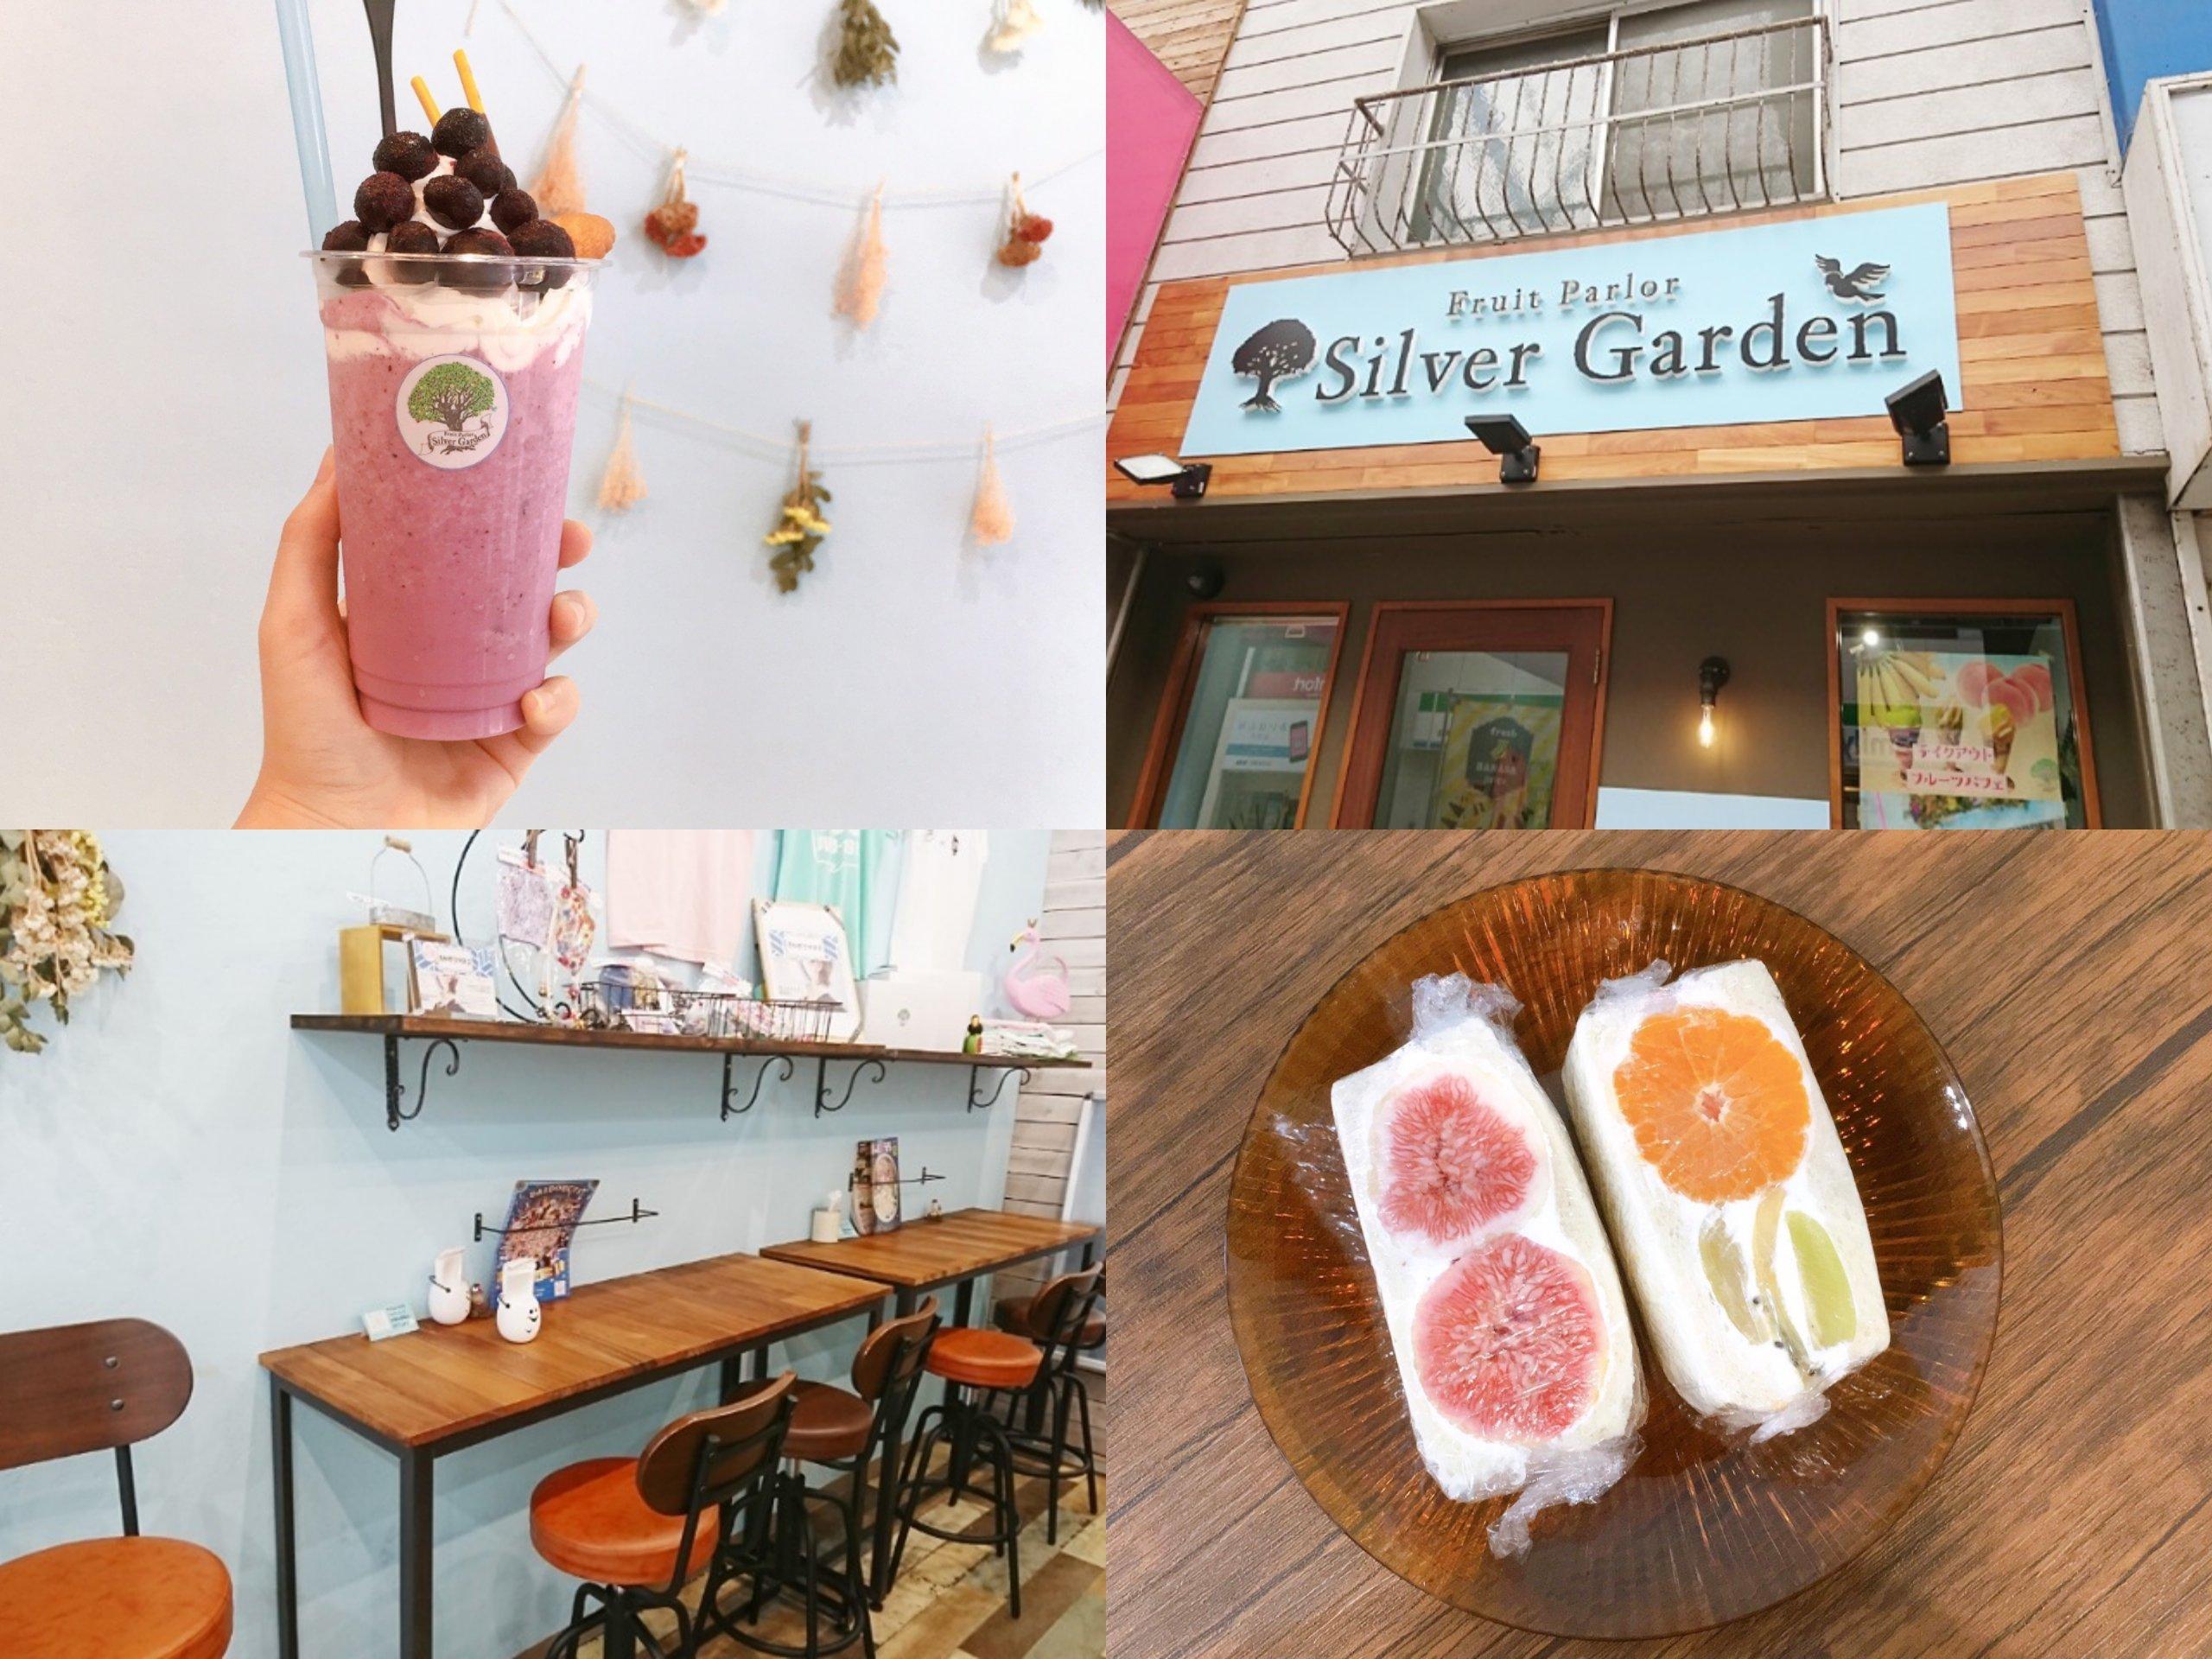 【Silver Garden】高知市帯屋町にあるお店へ行ってきた!絶品フルーツサンドも